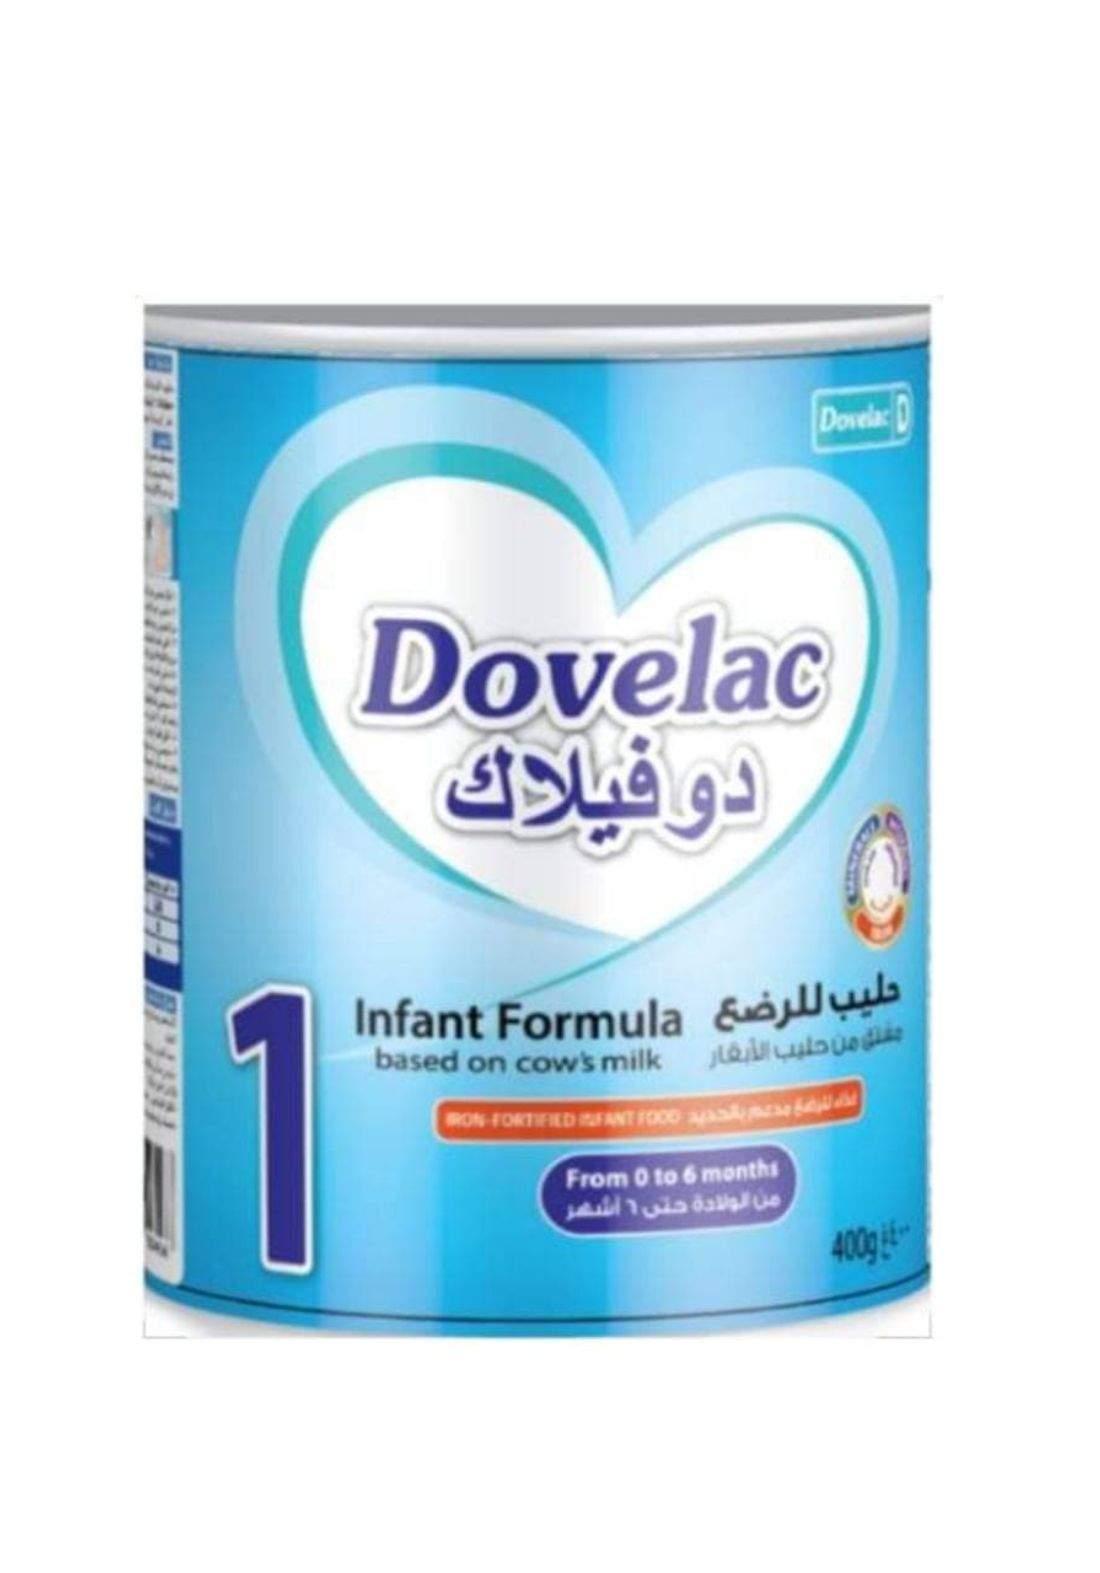 Dovelac powder milk 400g دوفيلاك حليب للاطفال